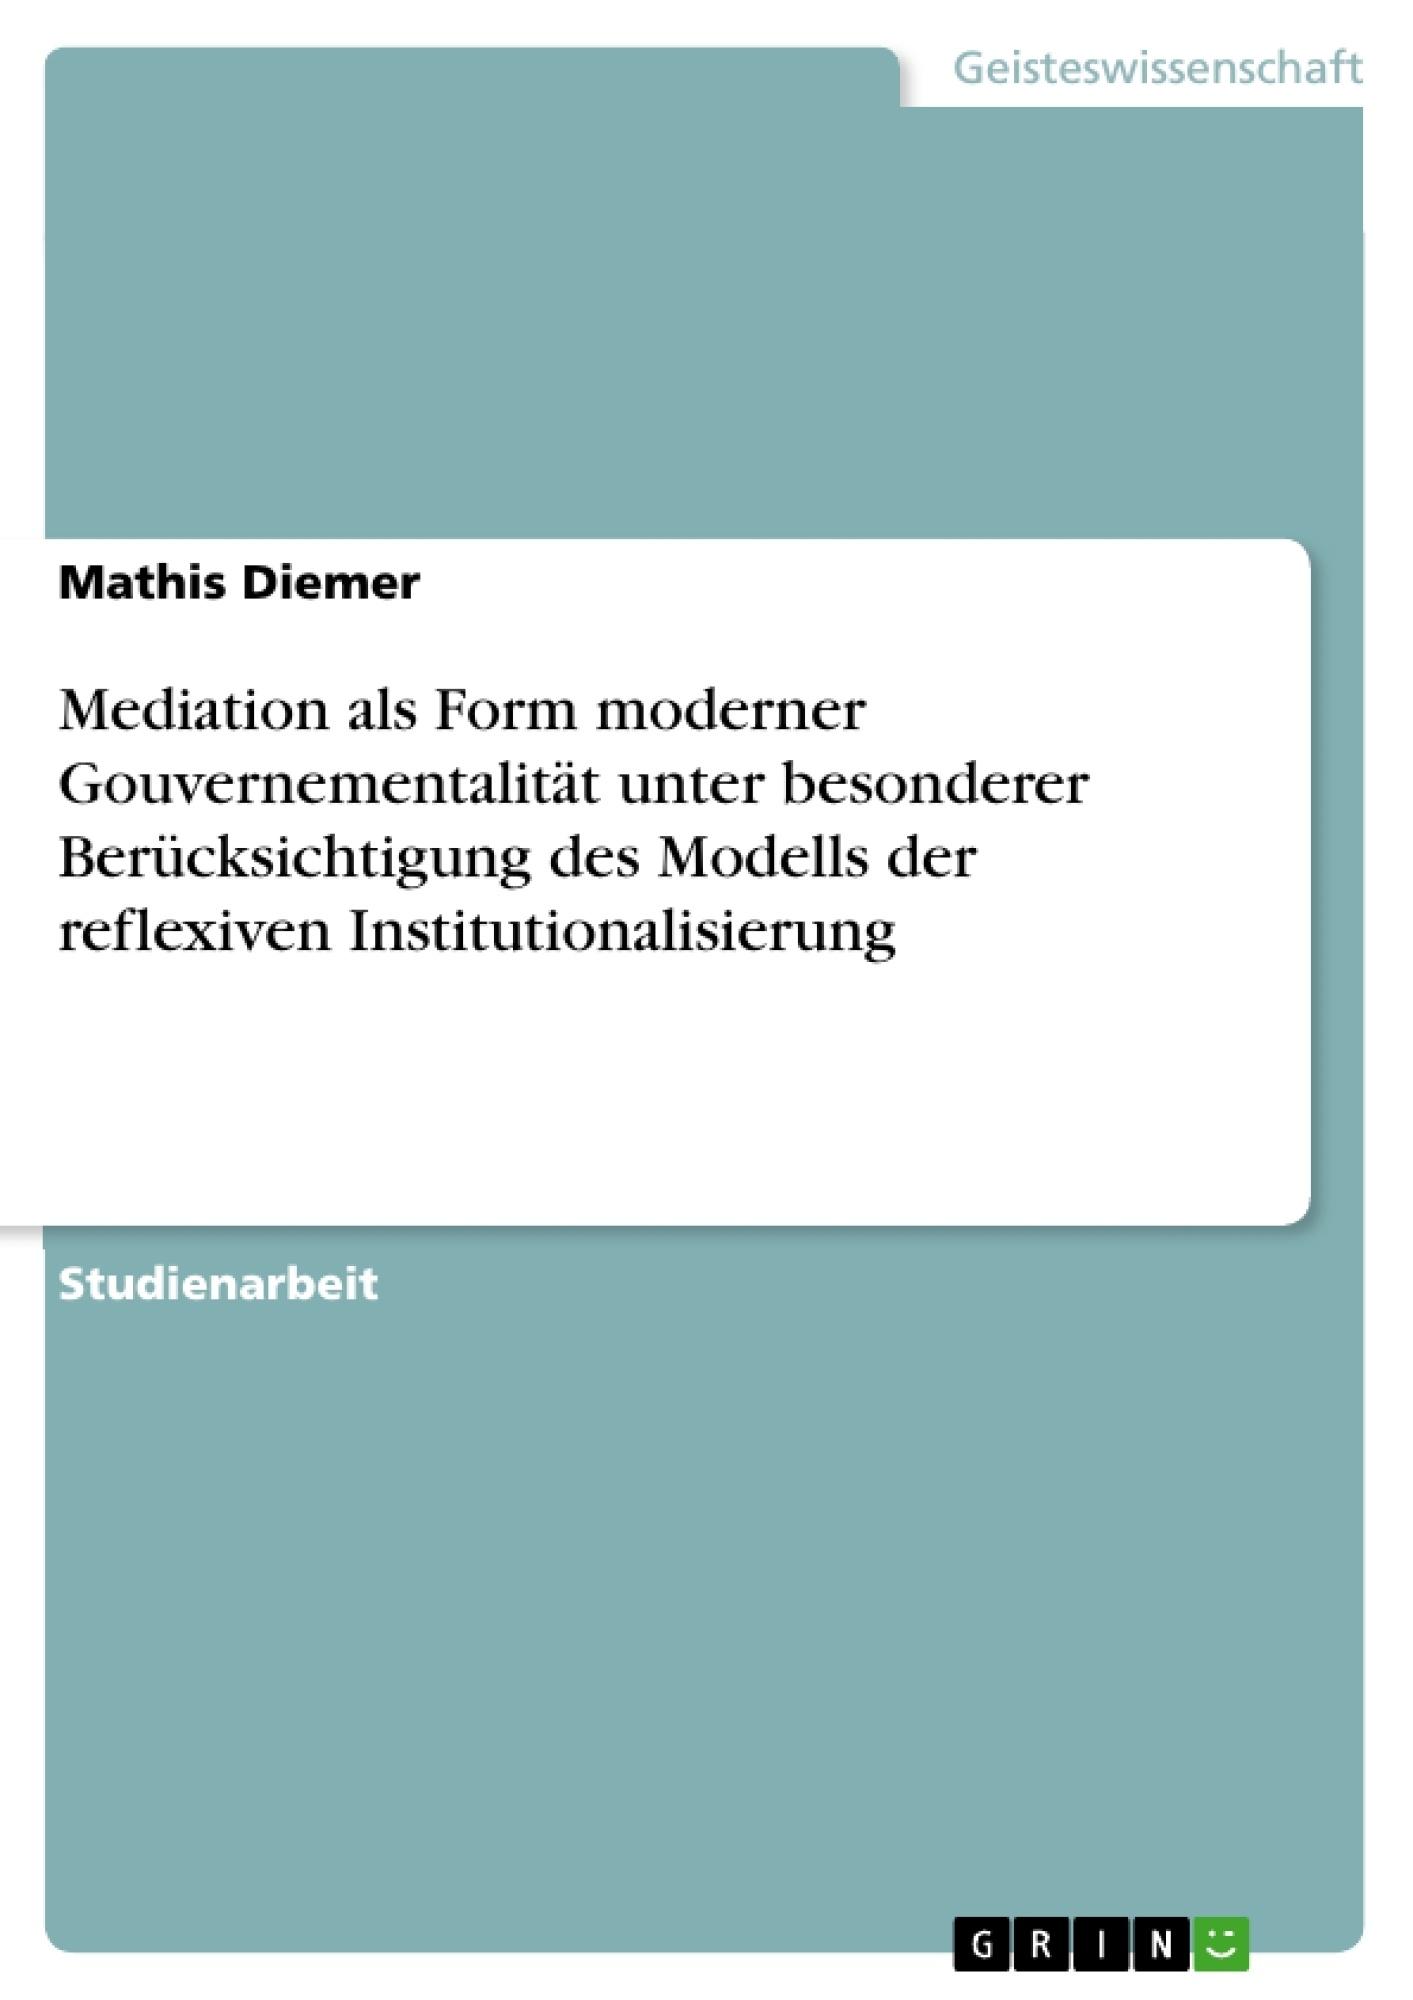 Titel: Mediation als Form moderner Gouvernementalität unter besonderer Berücksichtigung des Modells der reflexiven Institutionalisierung